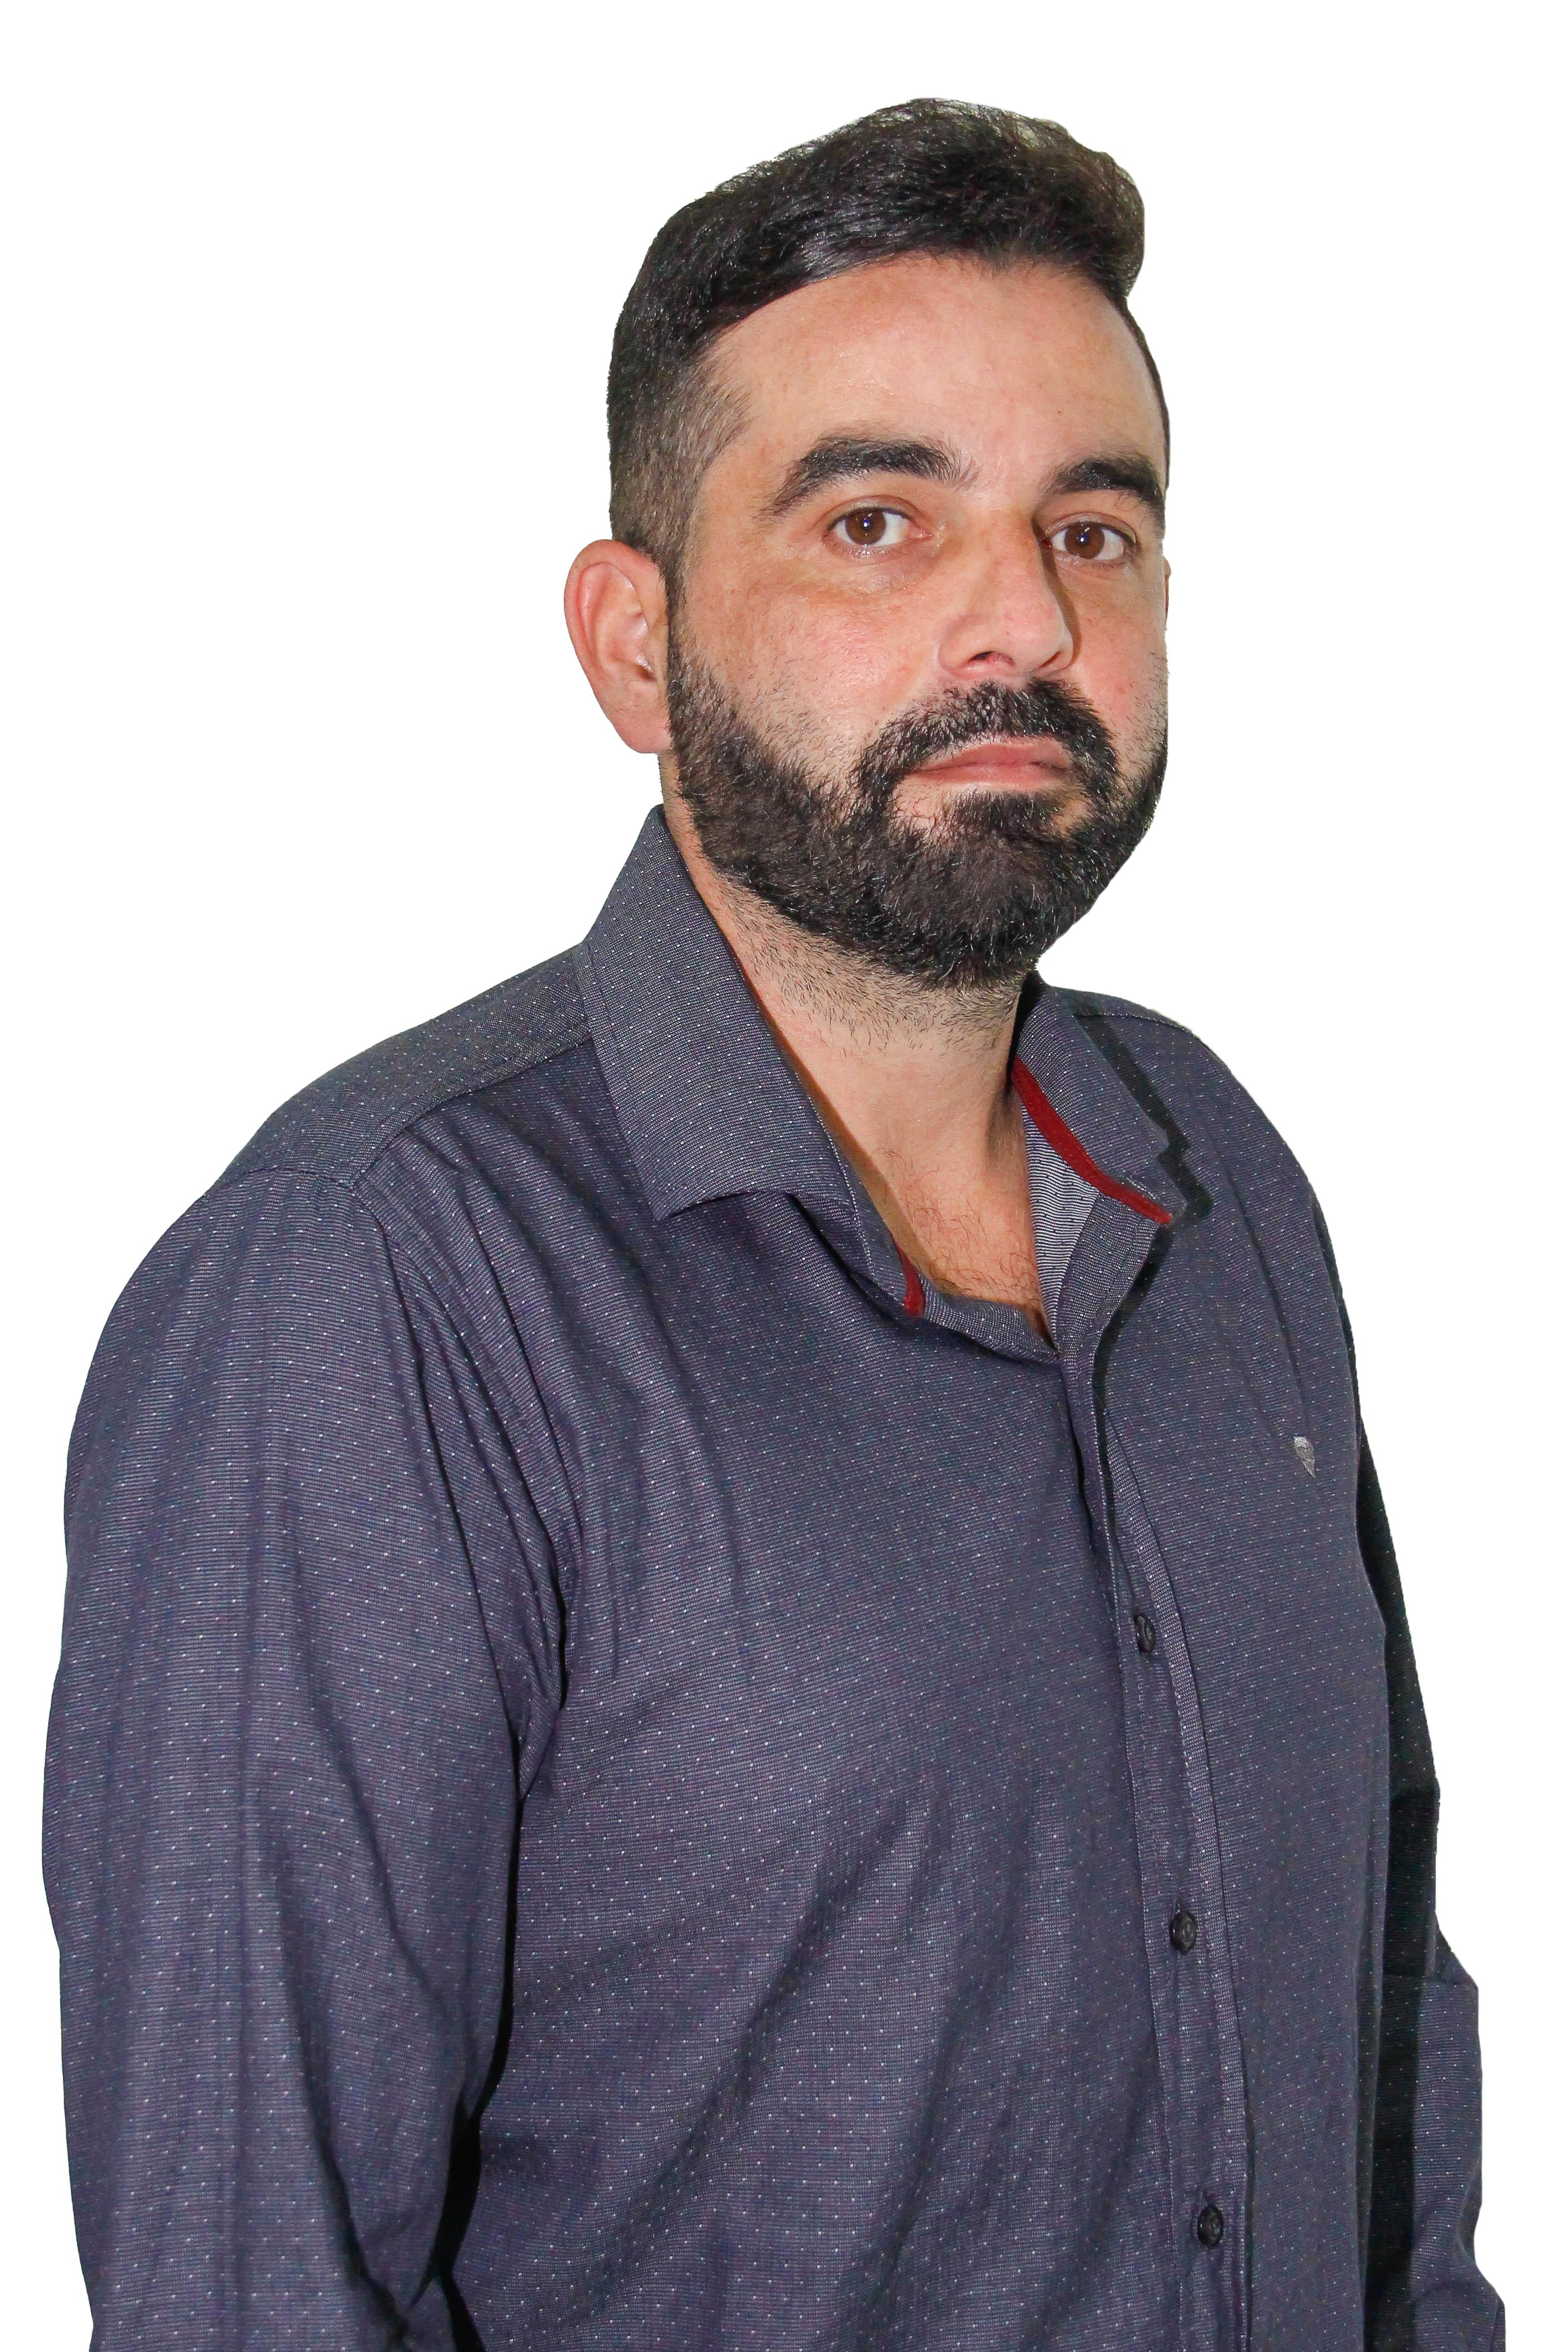 Foto do Vereador(a)